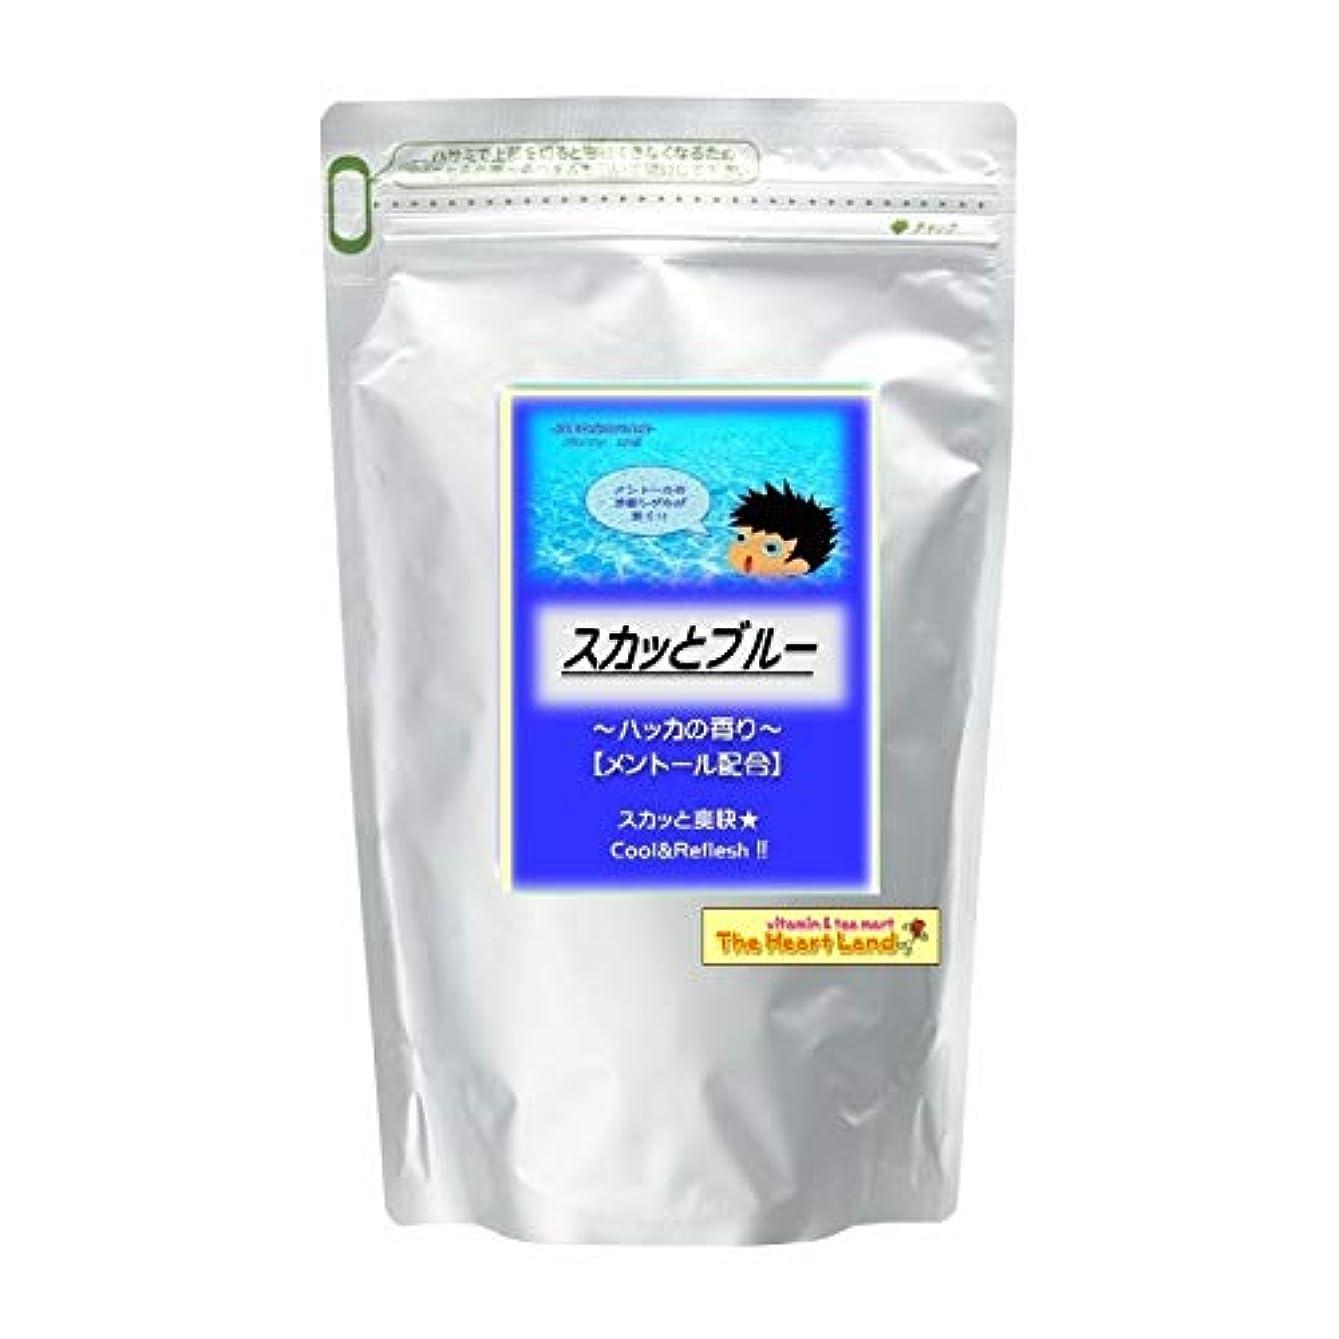 設置貝殻愛アサヒ入浴剤 浴用入浴化粧品 スカッとブルー 300g